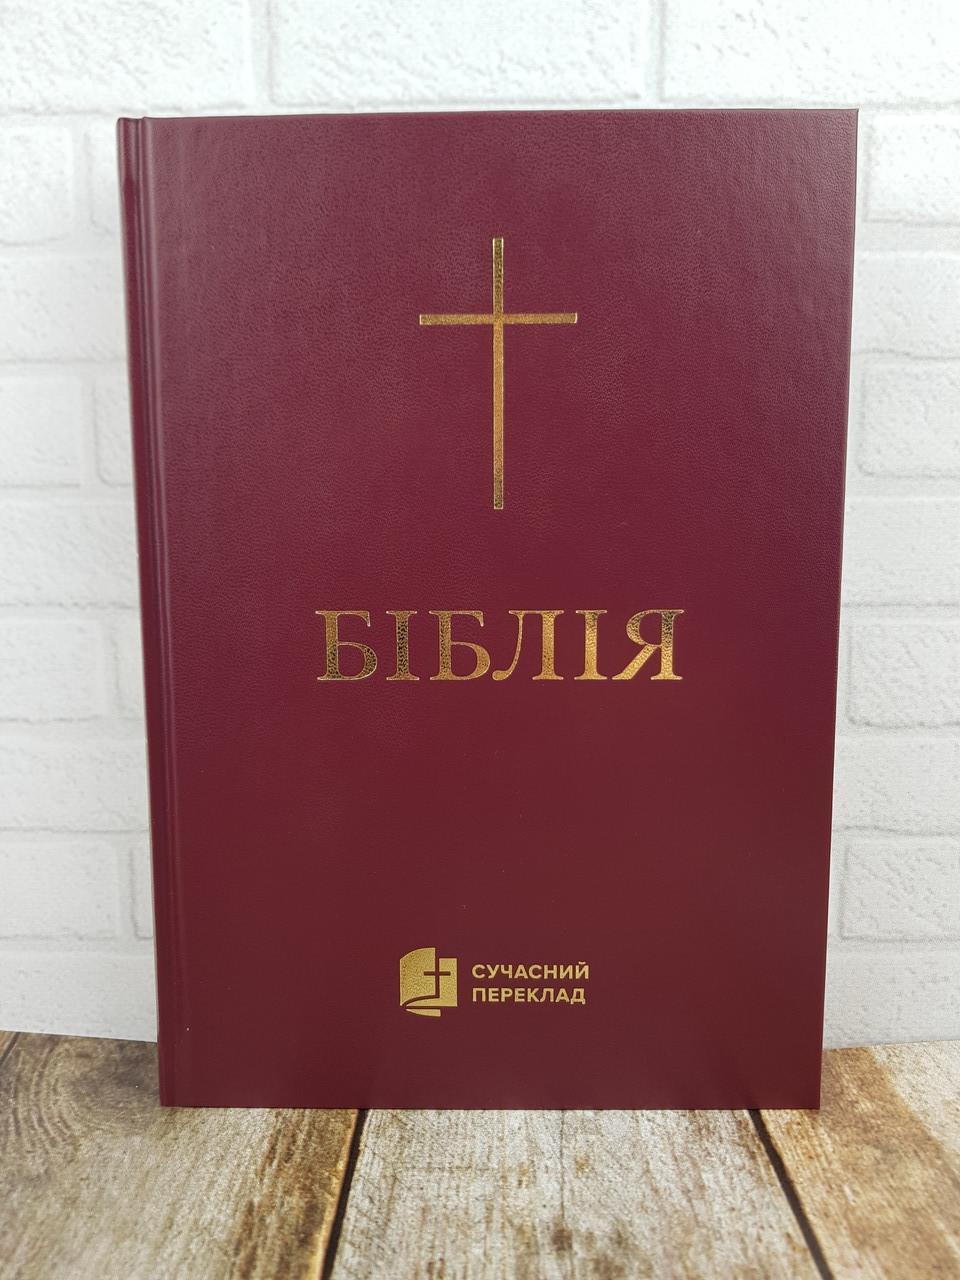 Біблія сучасний переклад українською мовою в перекладі о. Рафаїла Турконяка